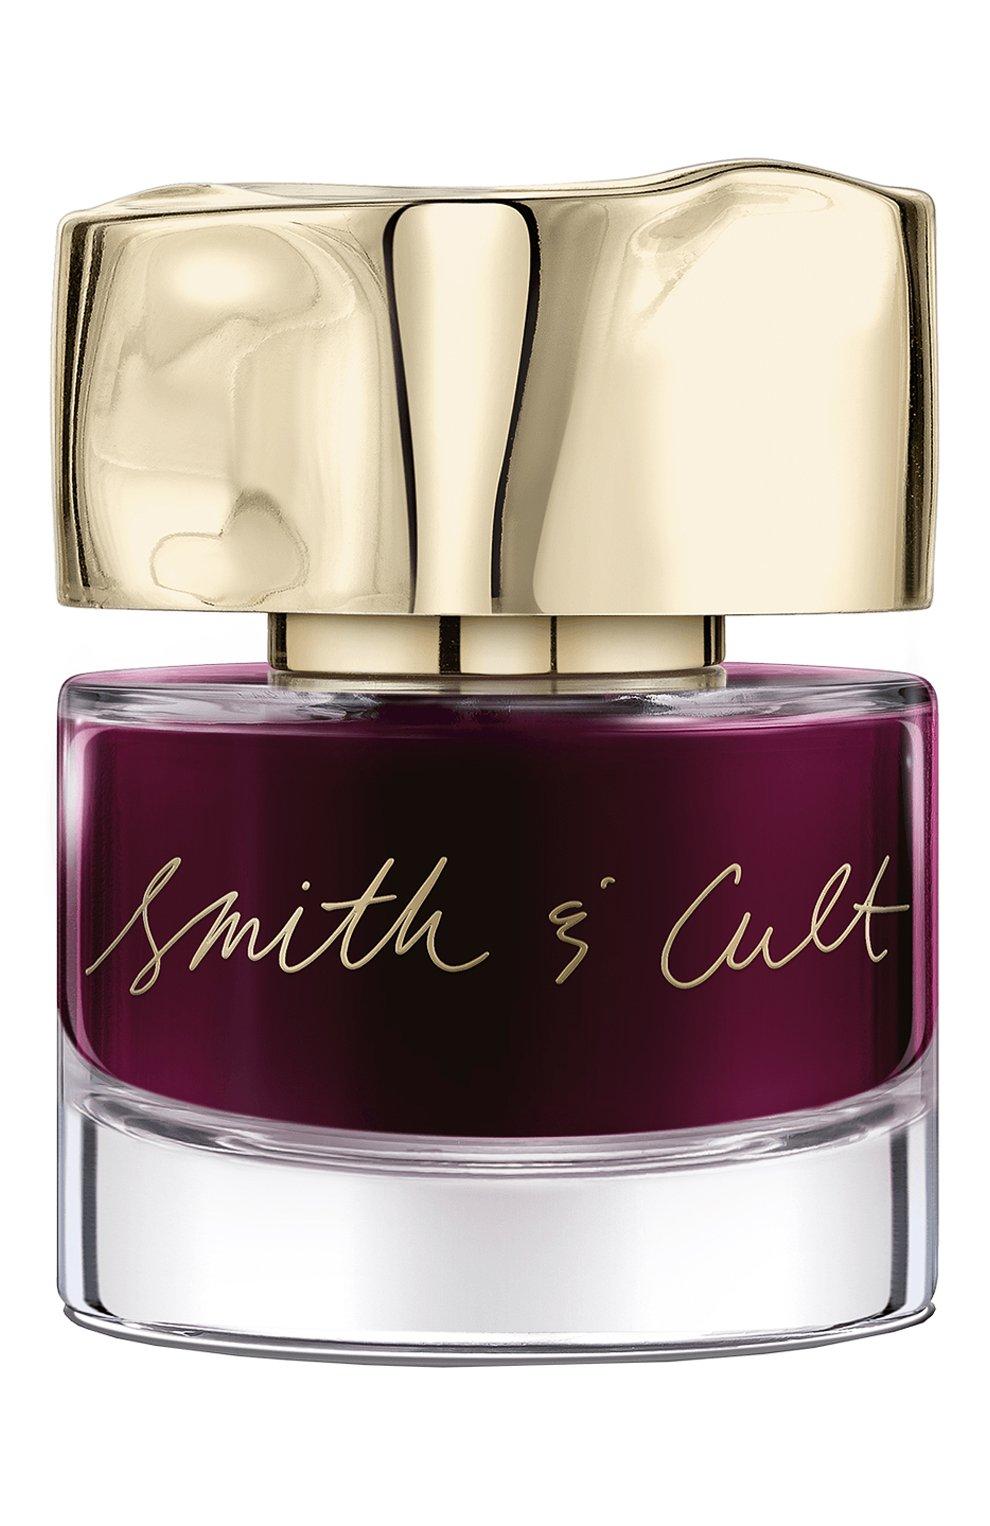 Лак для ногтей, оттенок bite your kiss (14ml) SMITH AND CULT бесцветного цвета, арт. 812329024205 | Фото 1